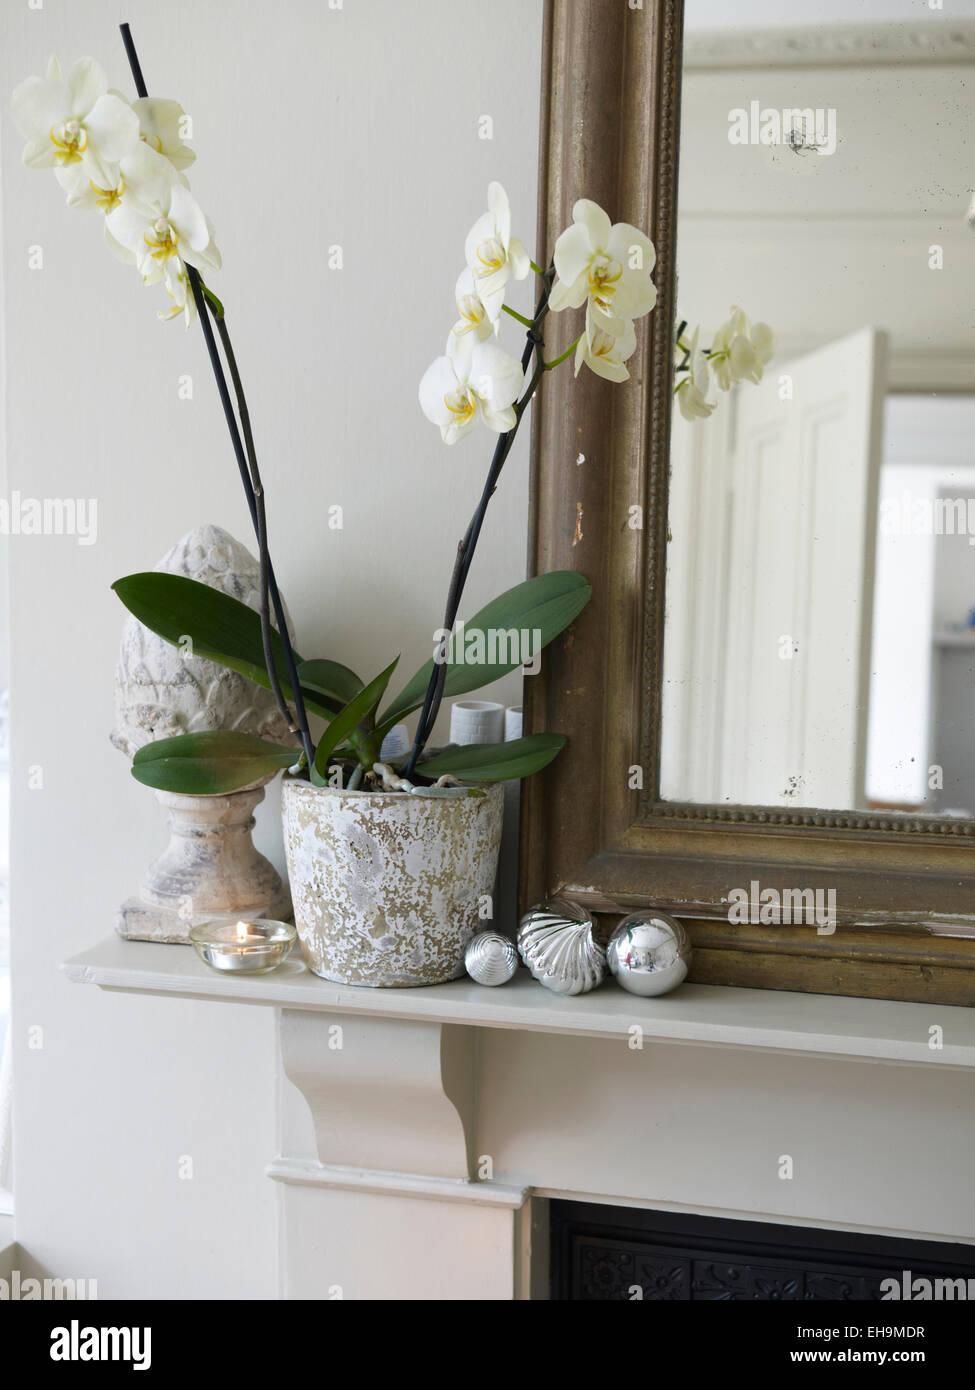 Ausgezeichnet Weiß Gerahmten Spiegel Uk Fotos - Benutzerdefinierte ...